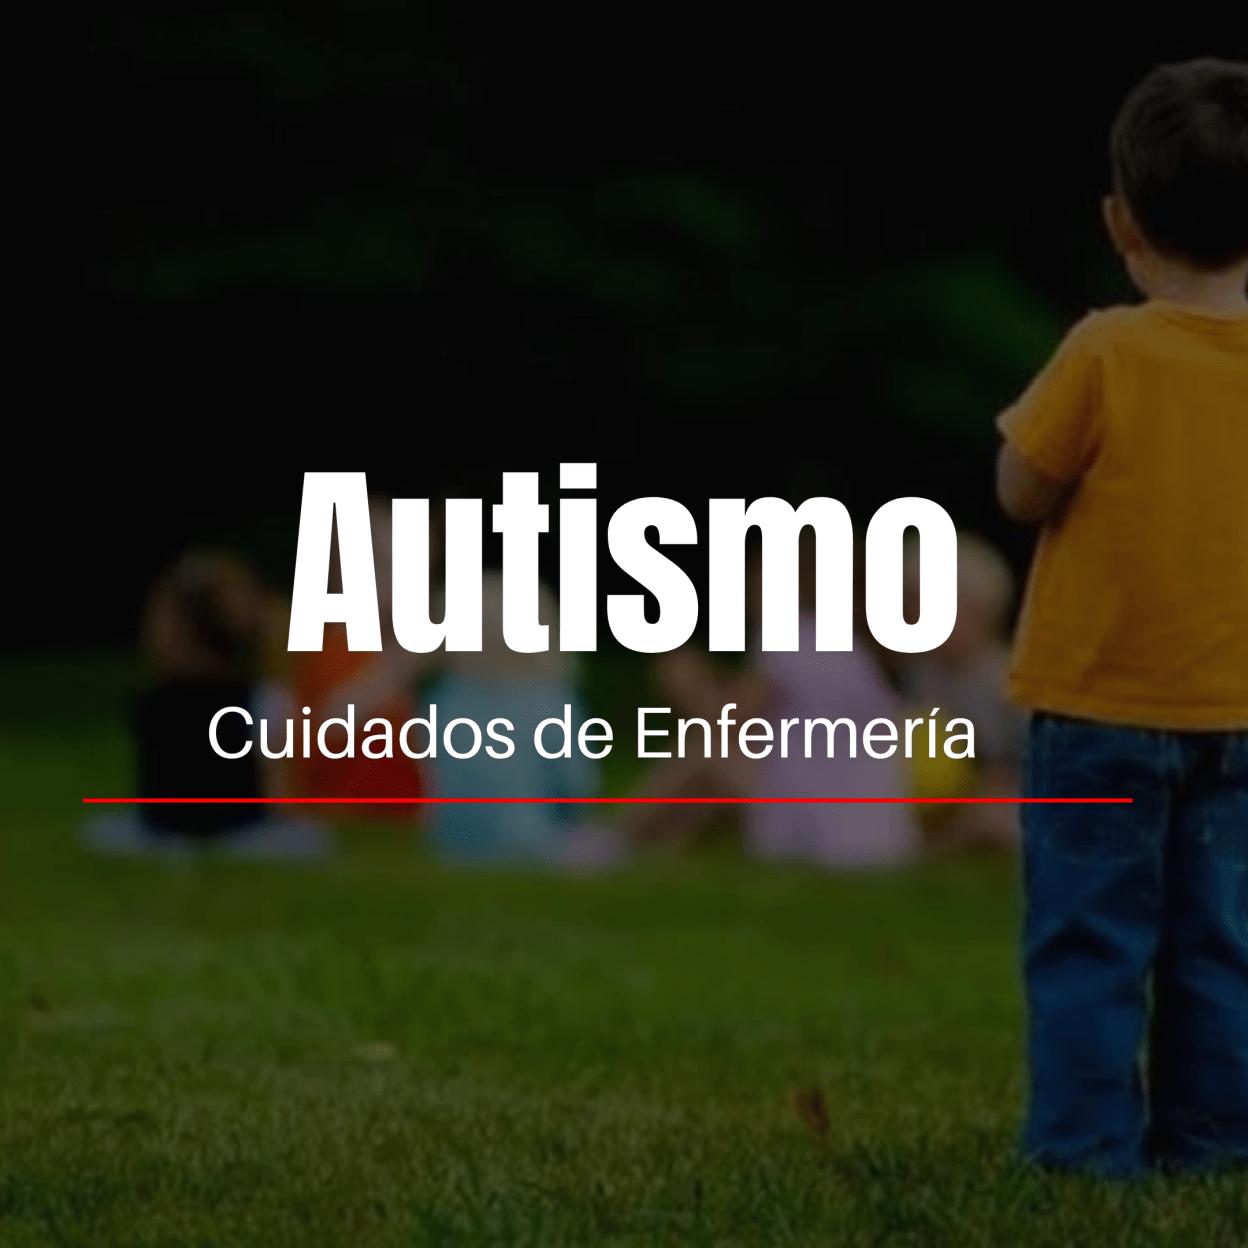 Autismo es un trastorno que afecta a niños antes de los tres años de edad que genera compromiso de todo el desarrollo neuropsicomotor y  la comunicación social